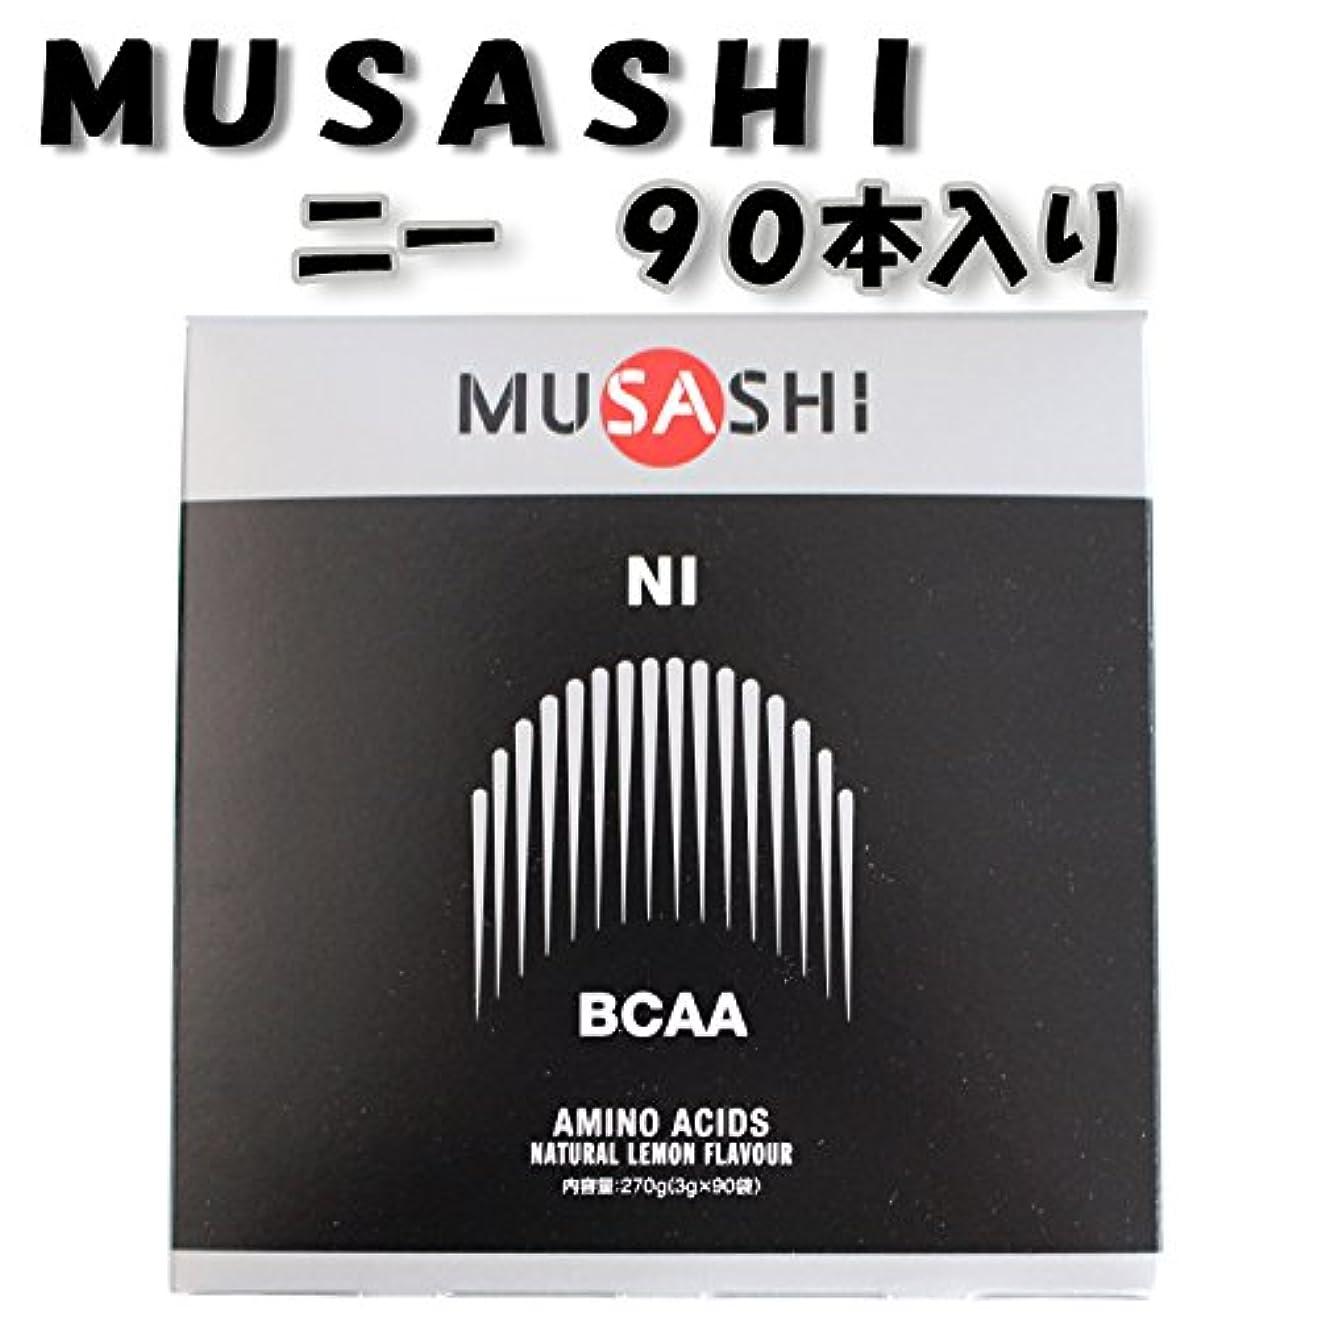 スタジアム慣習第MUSASHI NI スティック 3.0g×90本 リカバリー ムサシ ニー 90袋